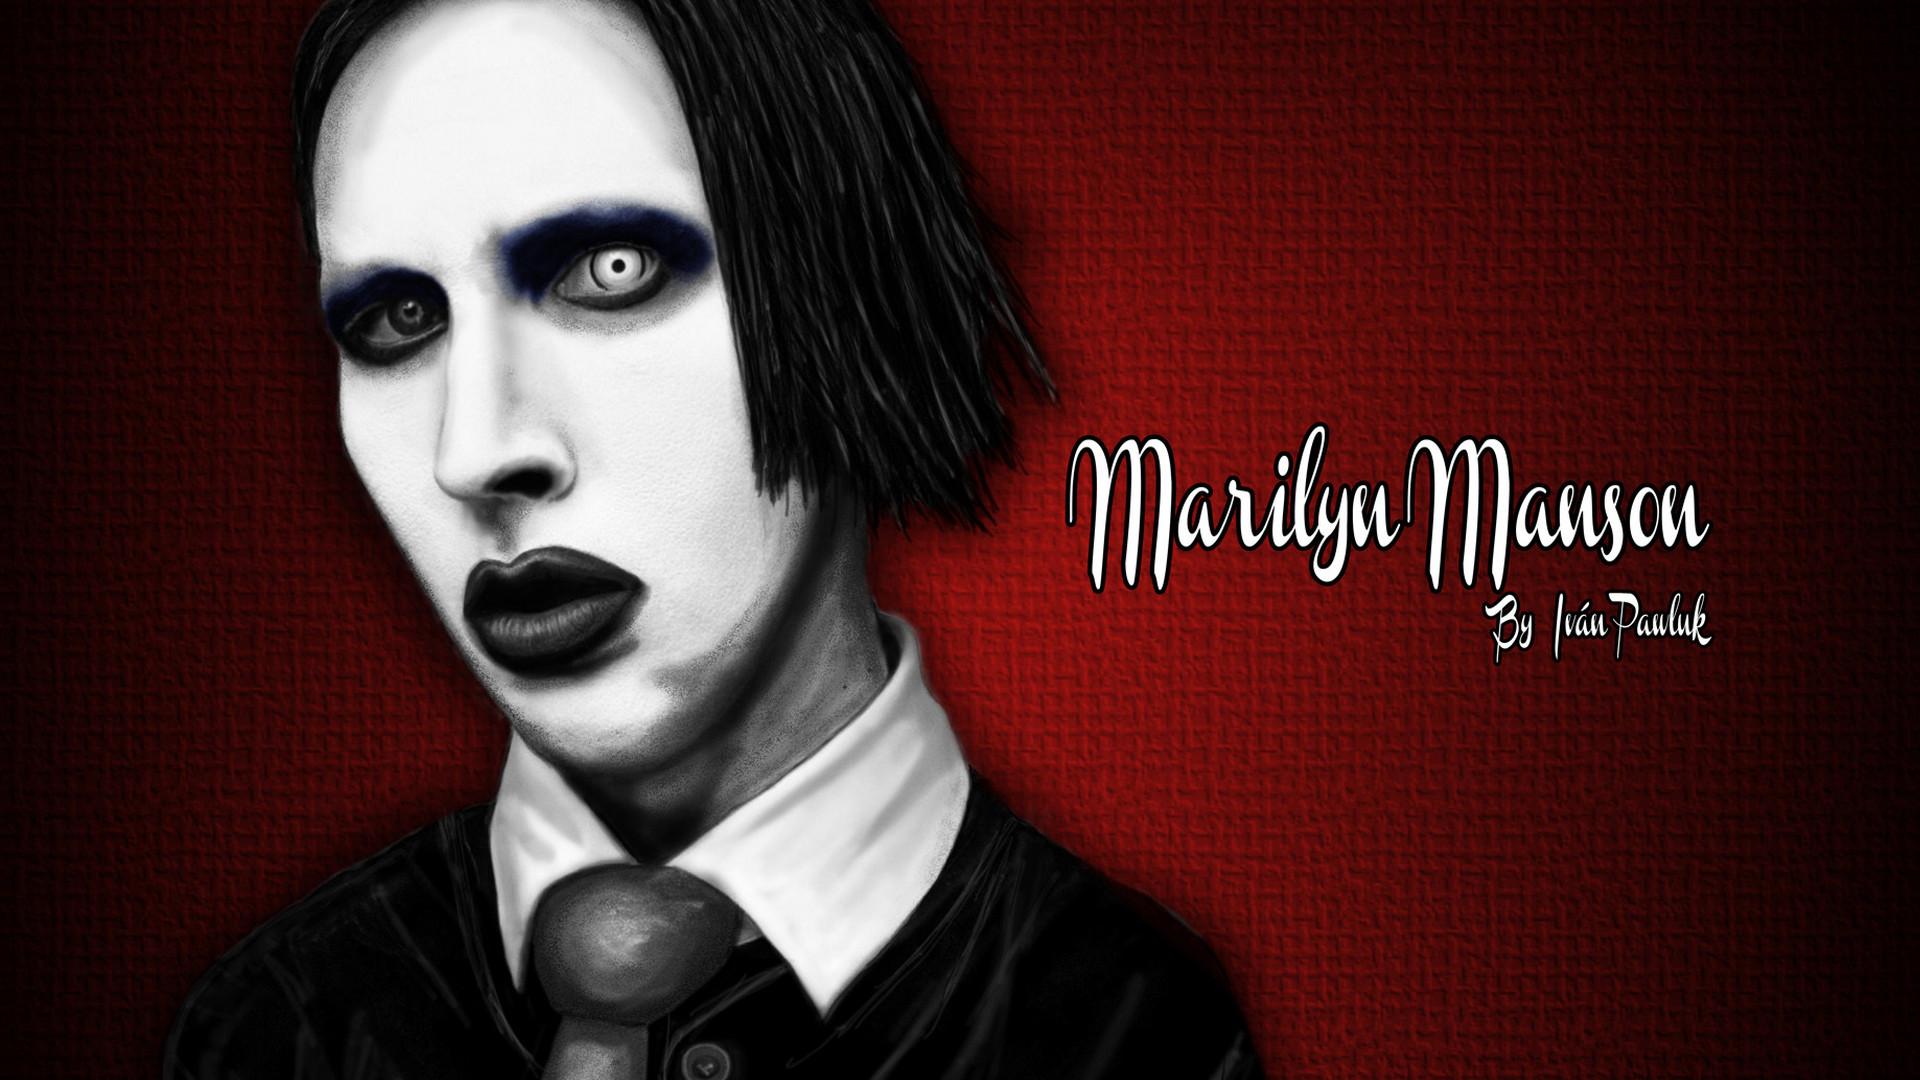 MARILYN MANSON industrial metal rock heavy shock gothic glam vx .